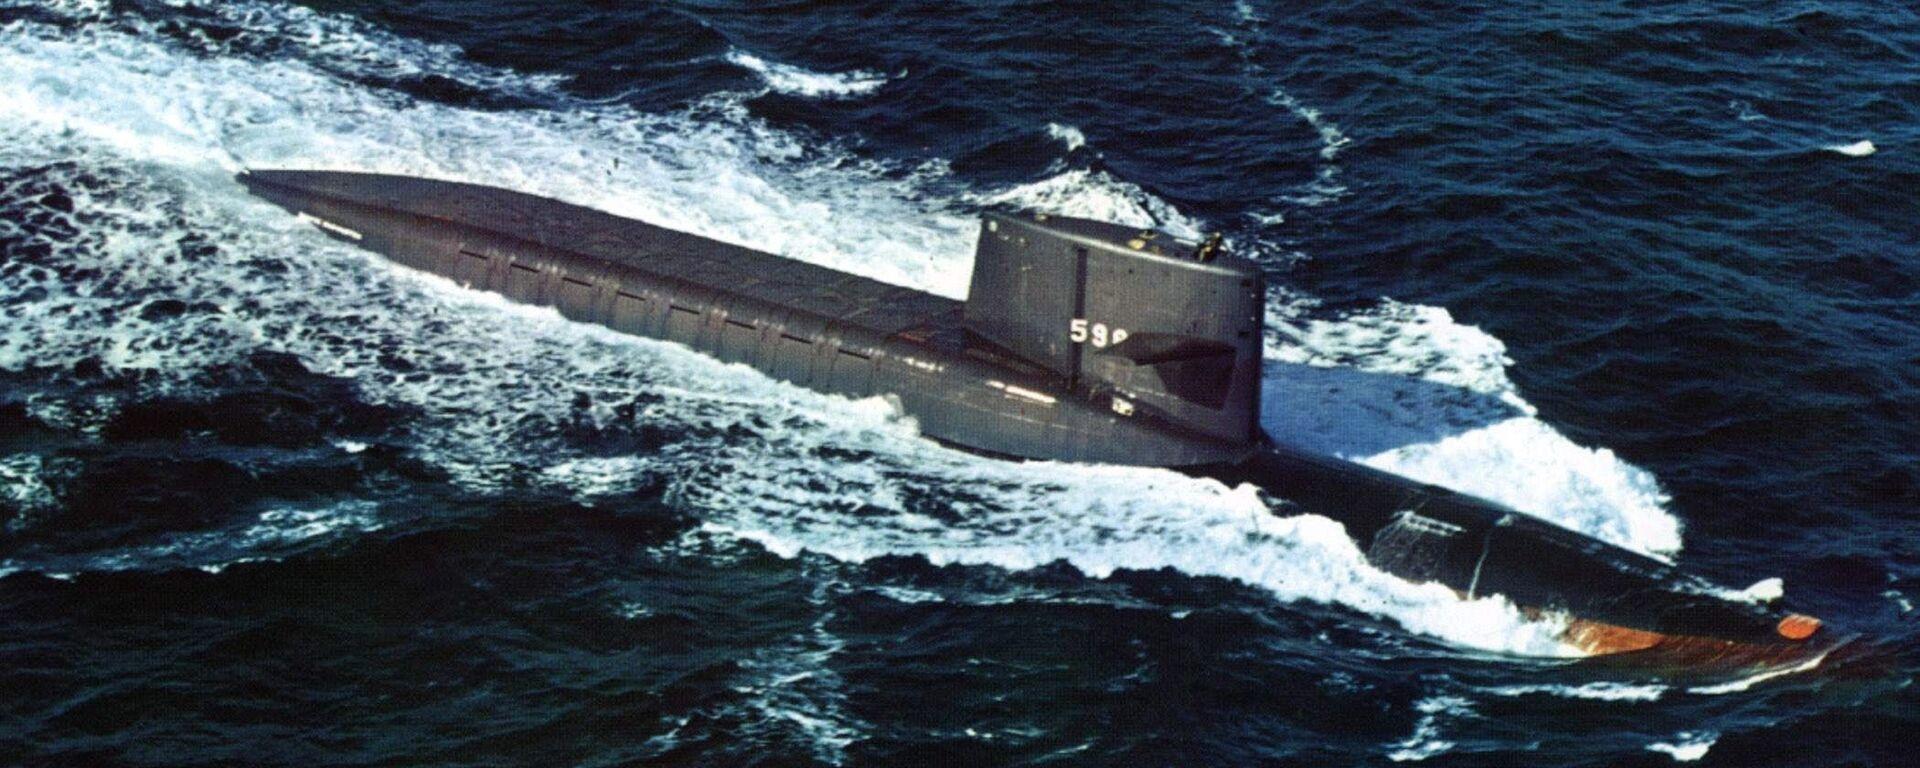 Первая американская подводная лодка с баллистическими ракетами на борту Джордж Вашингтон - Sputnik Тоҷикистон, 1920, 28.08.2020